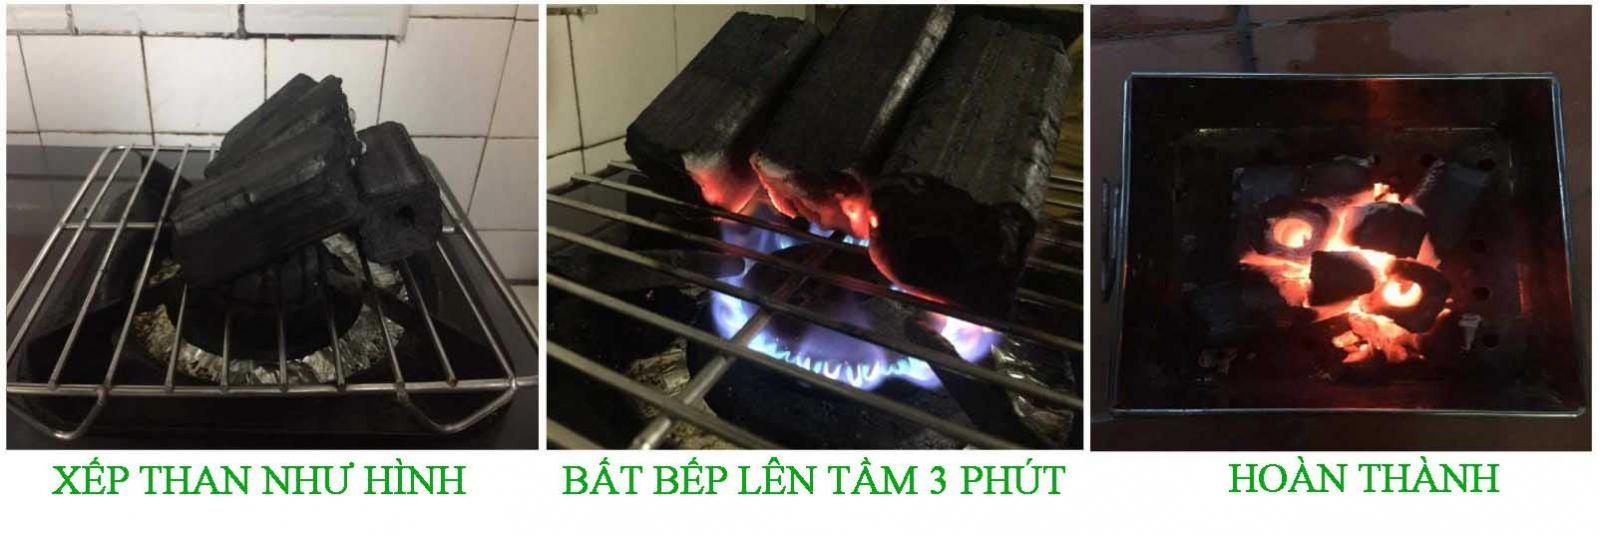 hướng dẫn cách nhóm than sạch không khói bằng bếp gas